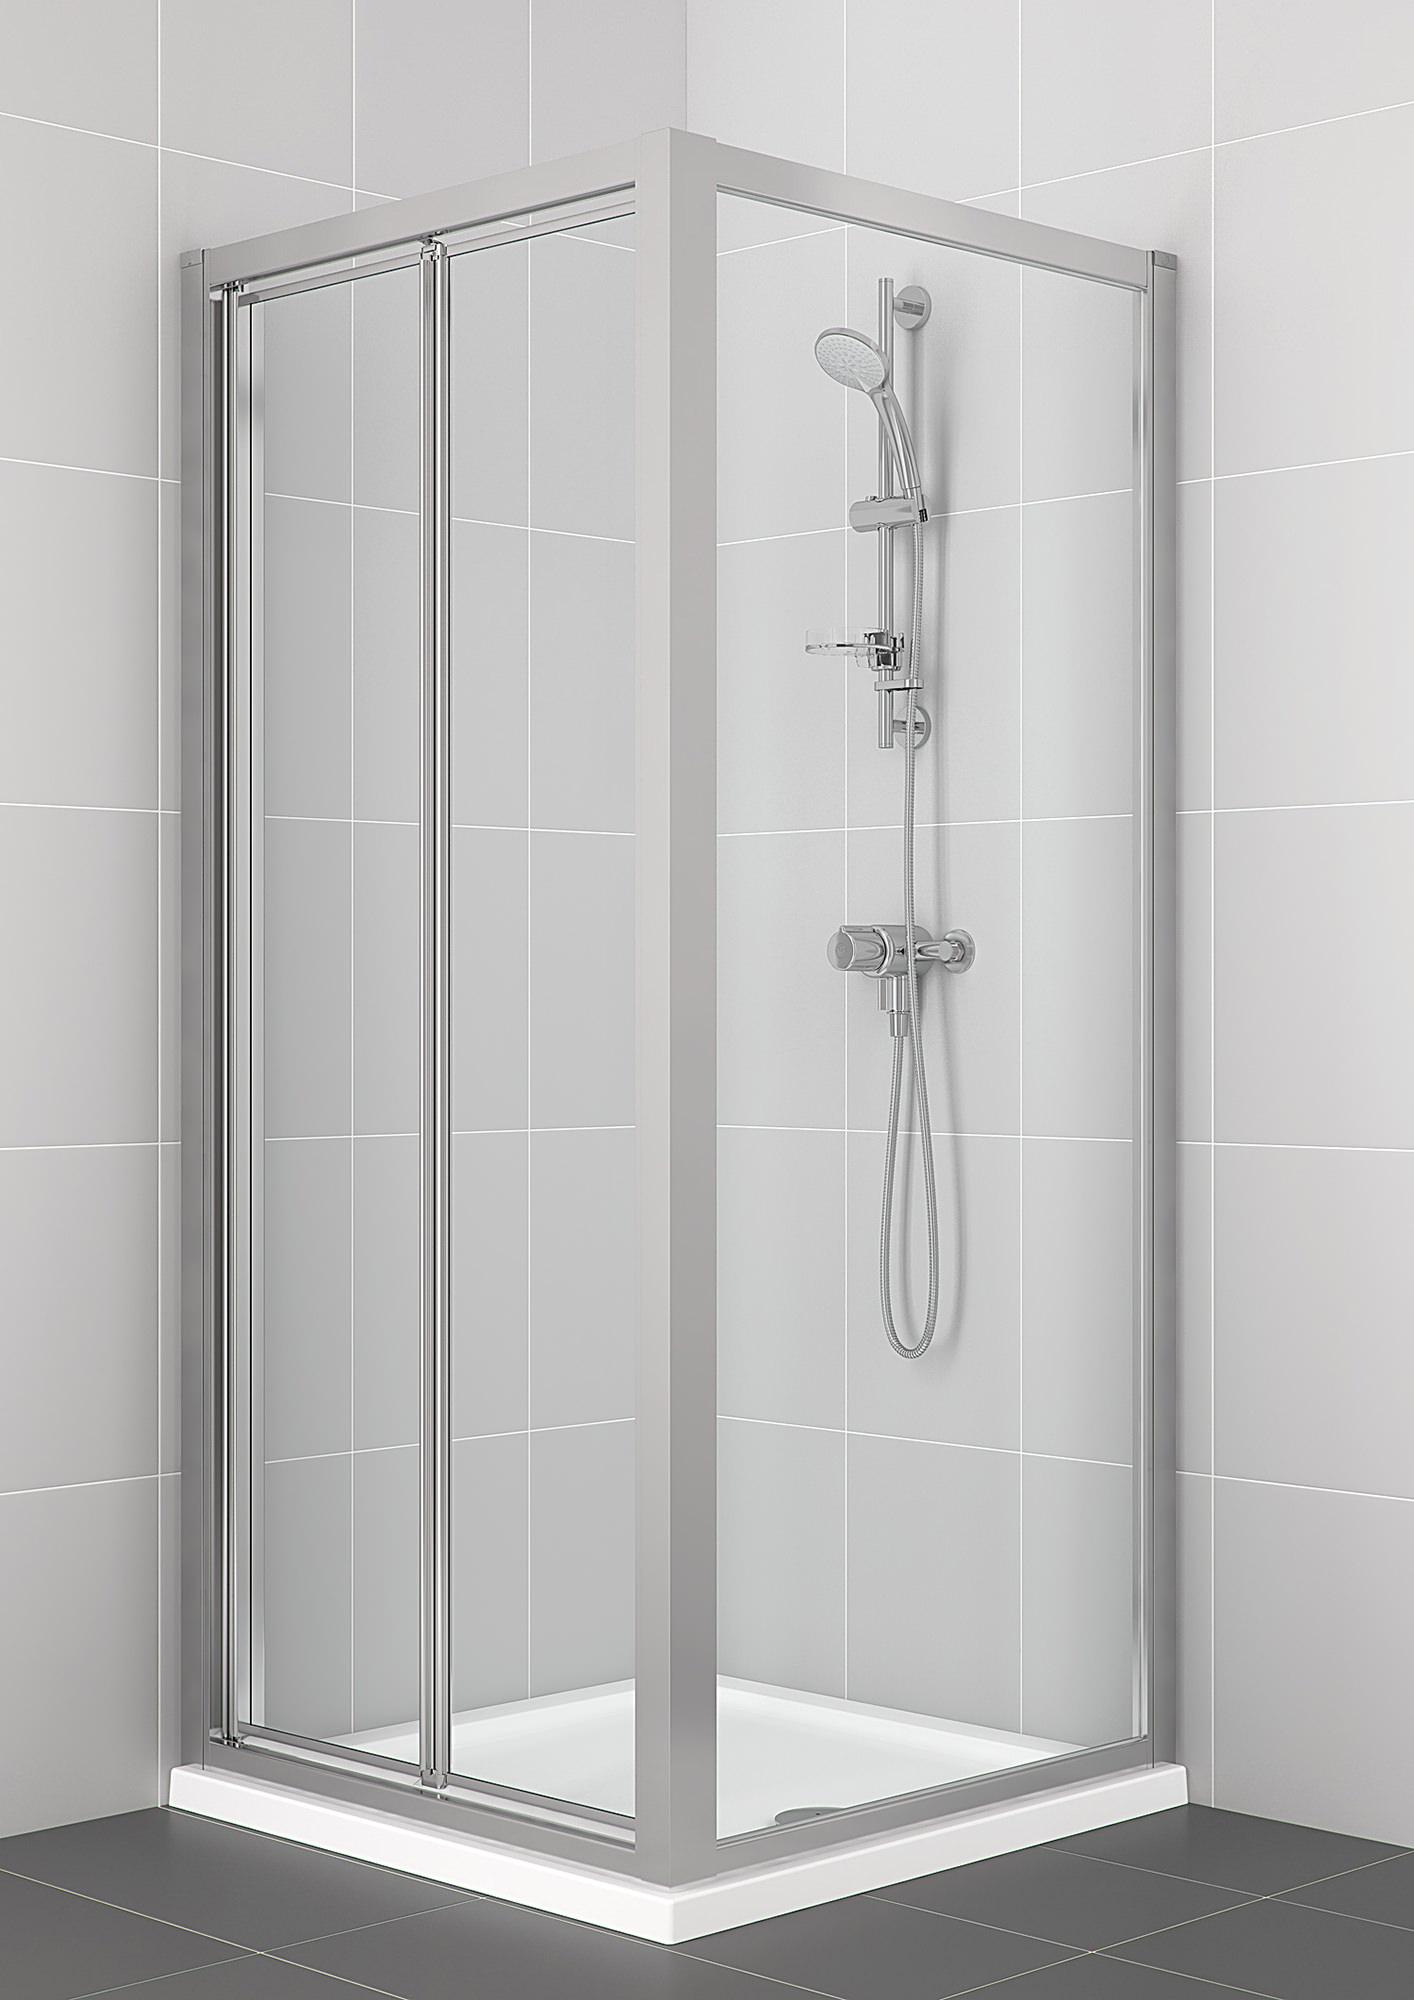 Bifold Bathroom Door: Ideal Standard Connect 800mm Bifold Shower Enclosure Door